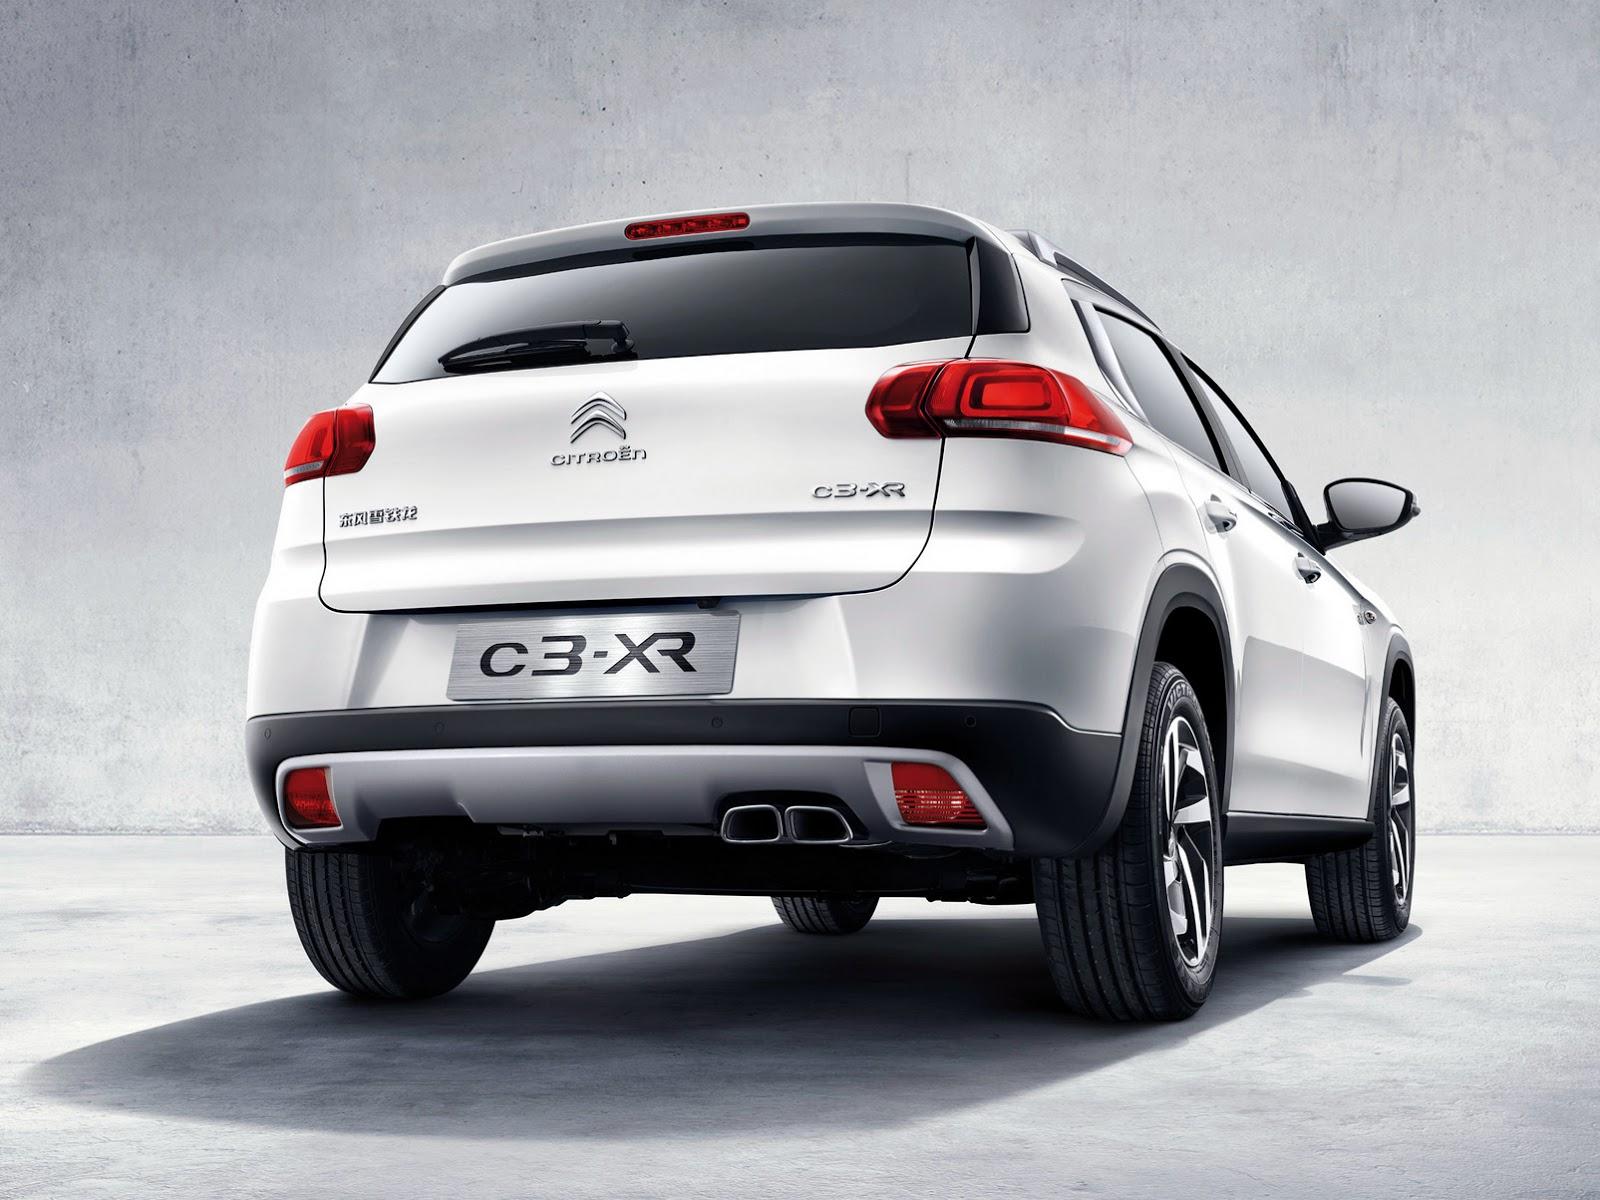 Ситроен выпустил специальную версию кроссовера C3-XR